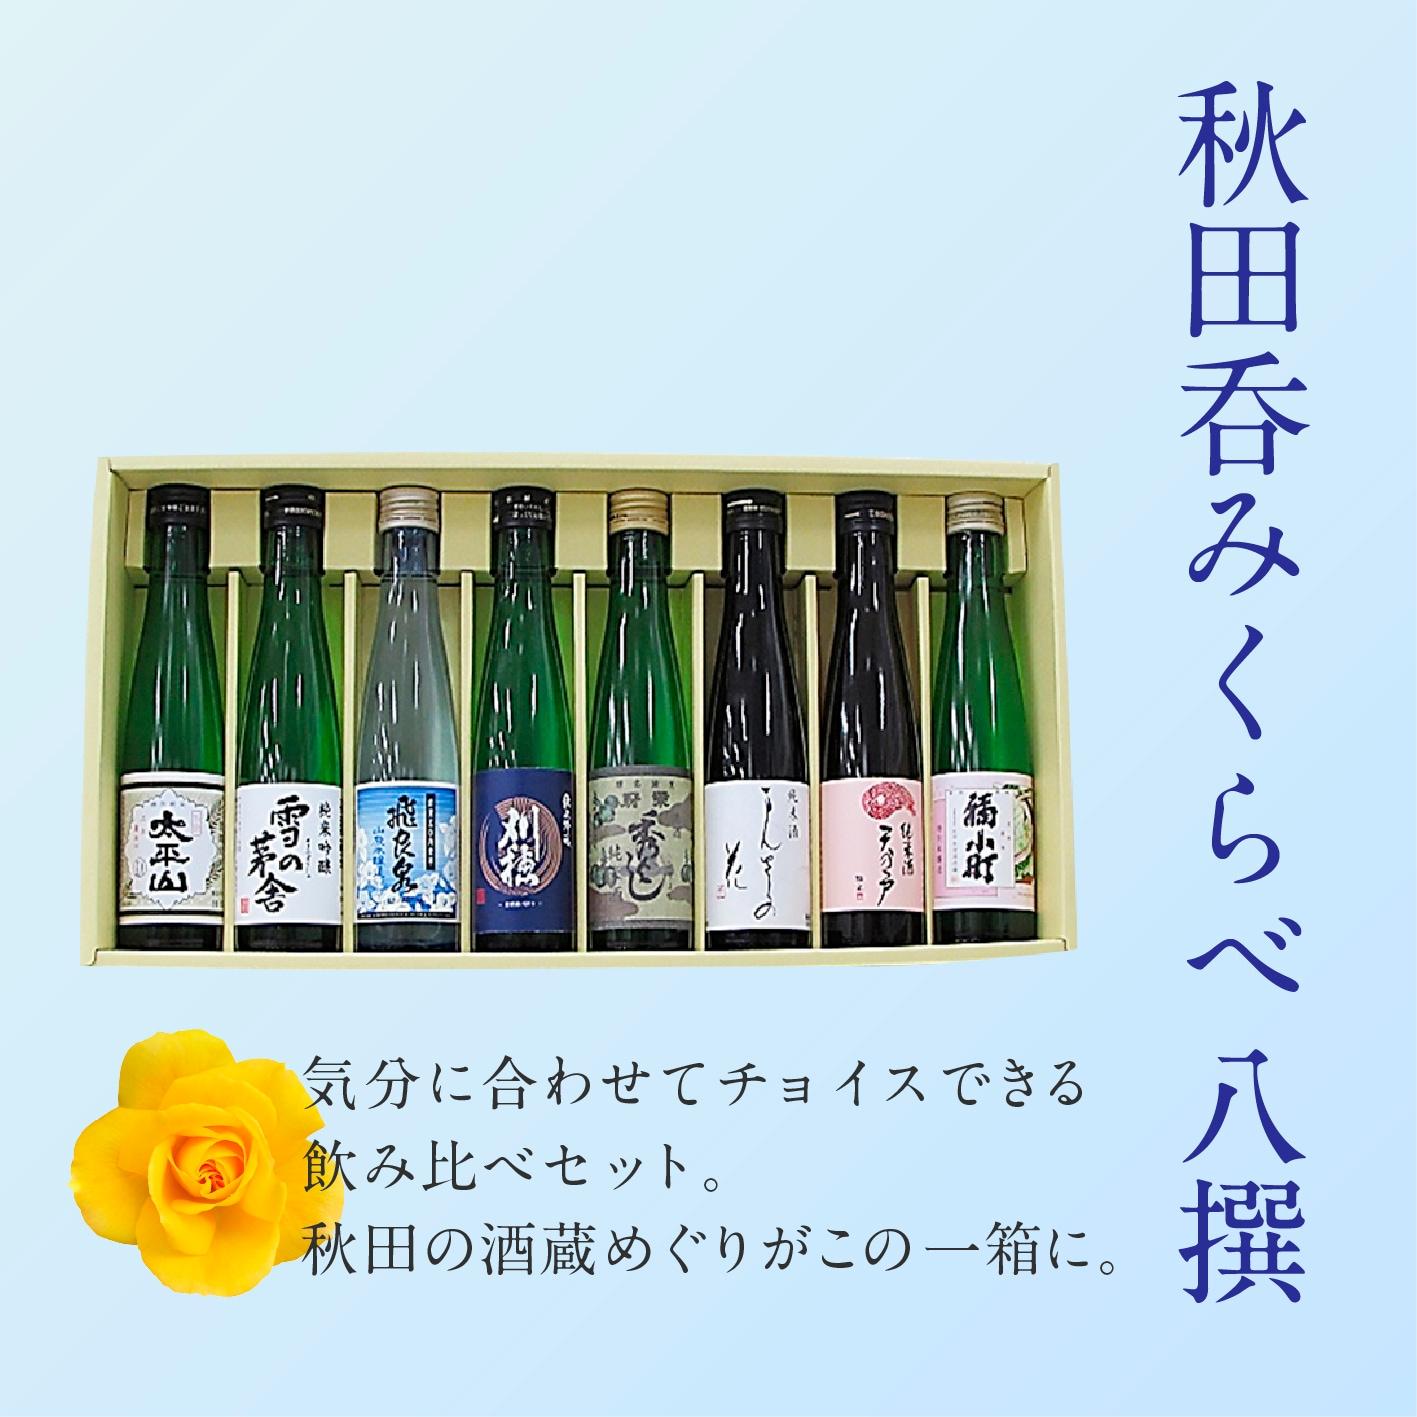 秋田呑みくらべ八撰